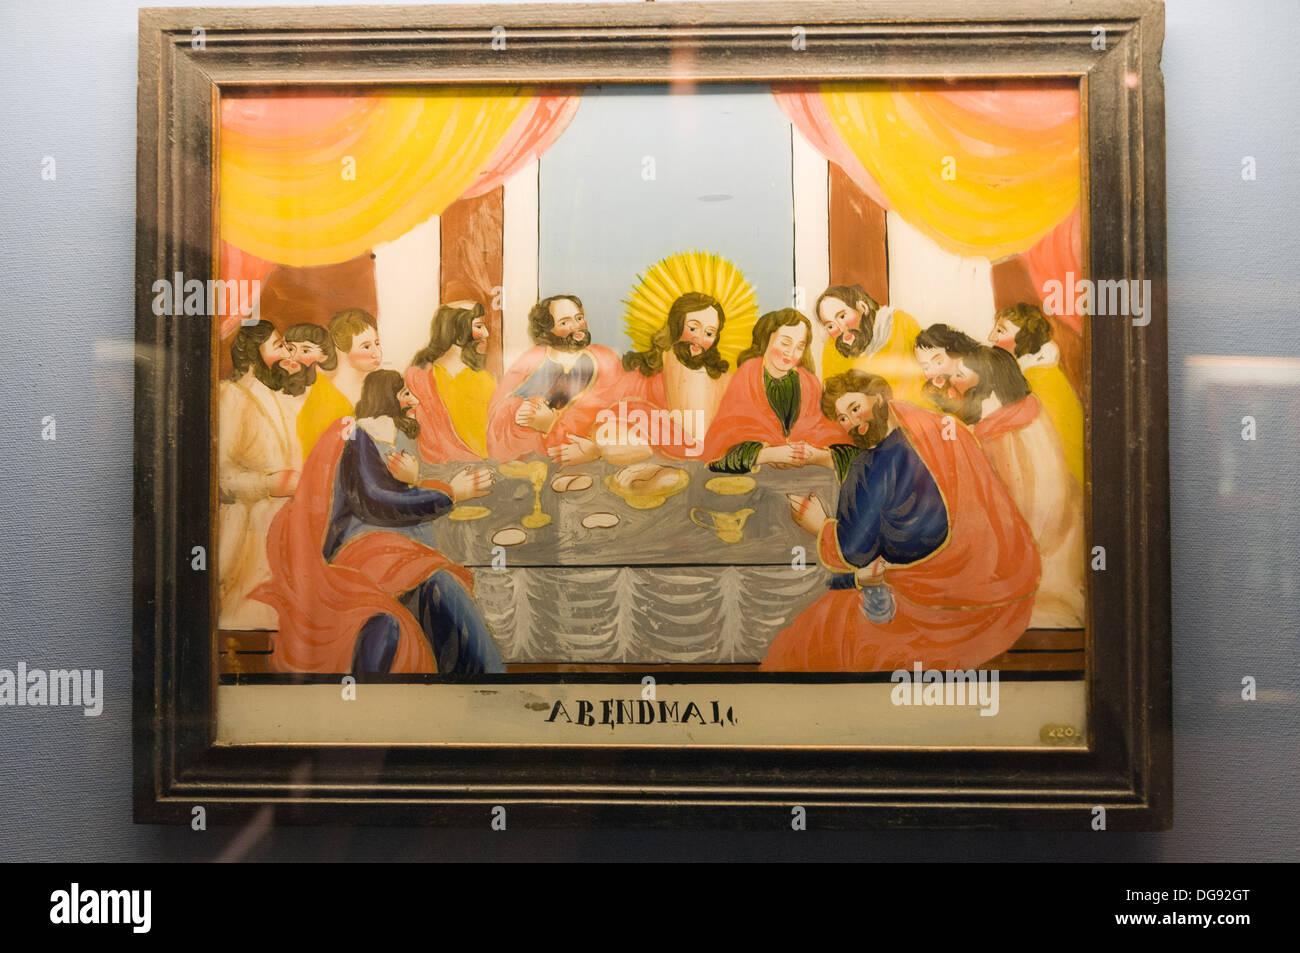 Elk213-1351v France, Alsace, Strasbourg, Alsatian Museum, painting - Stock Image